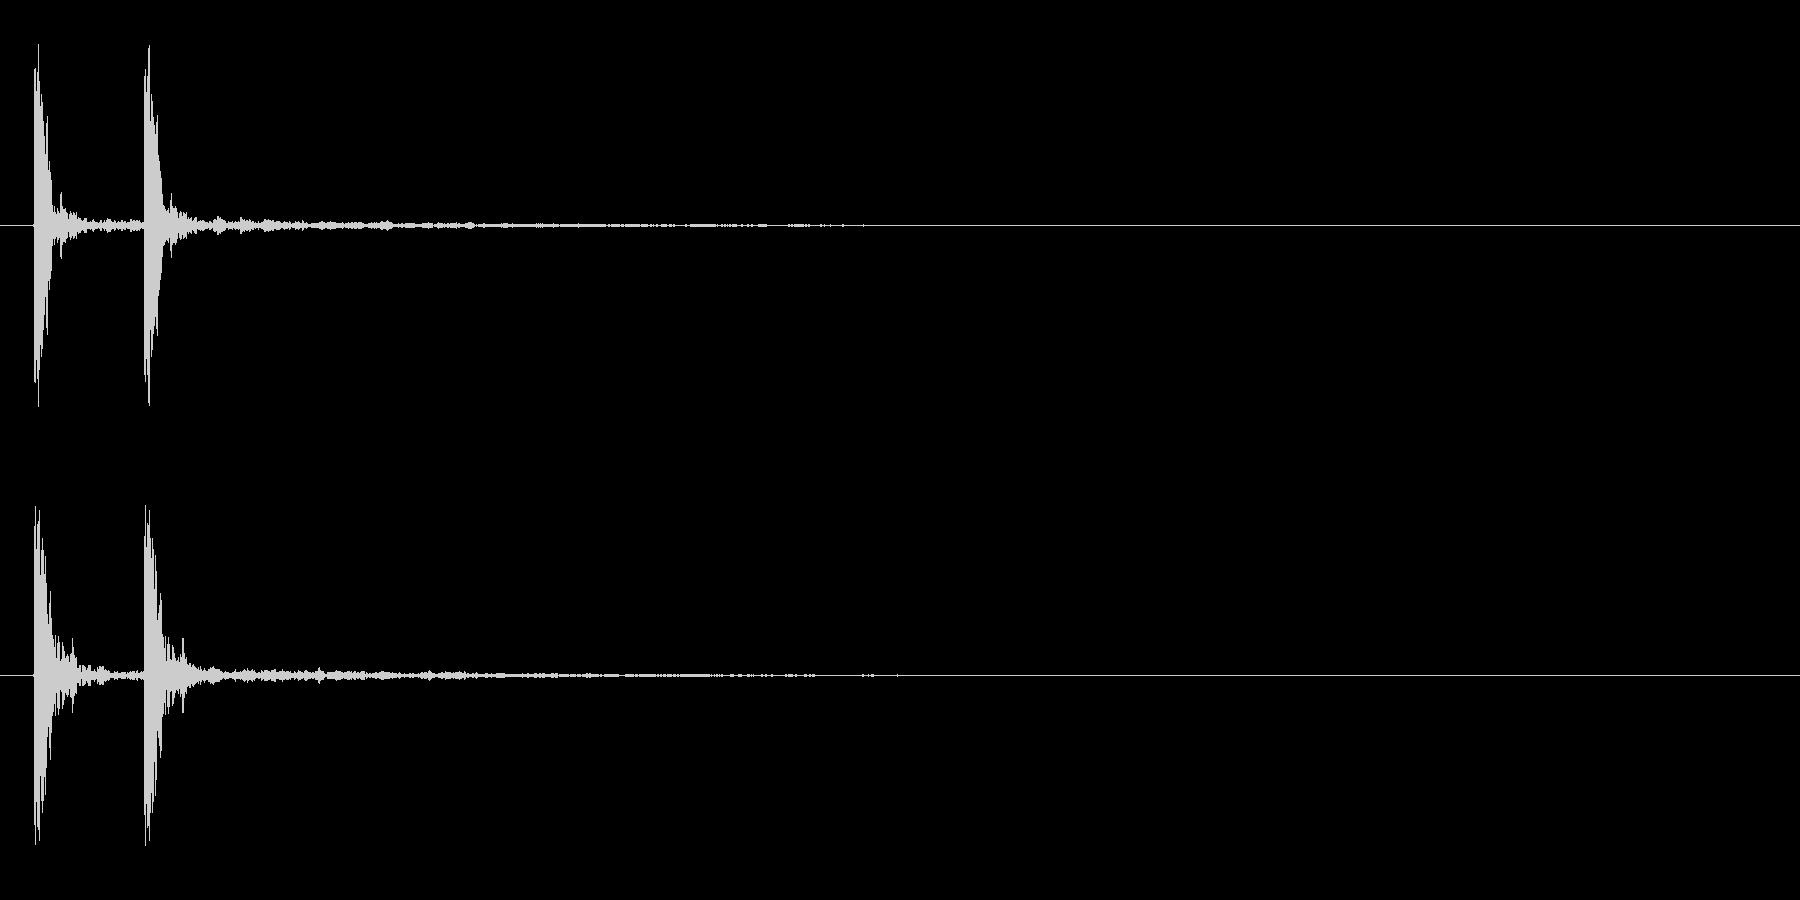 「カカン」木鉦(もくしょう)連打音+FXの未再生の波形